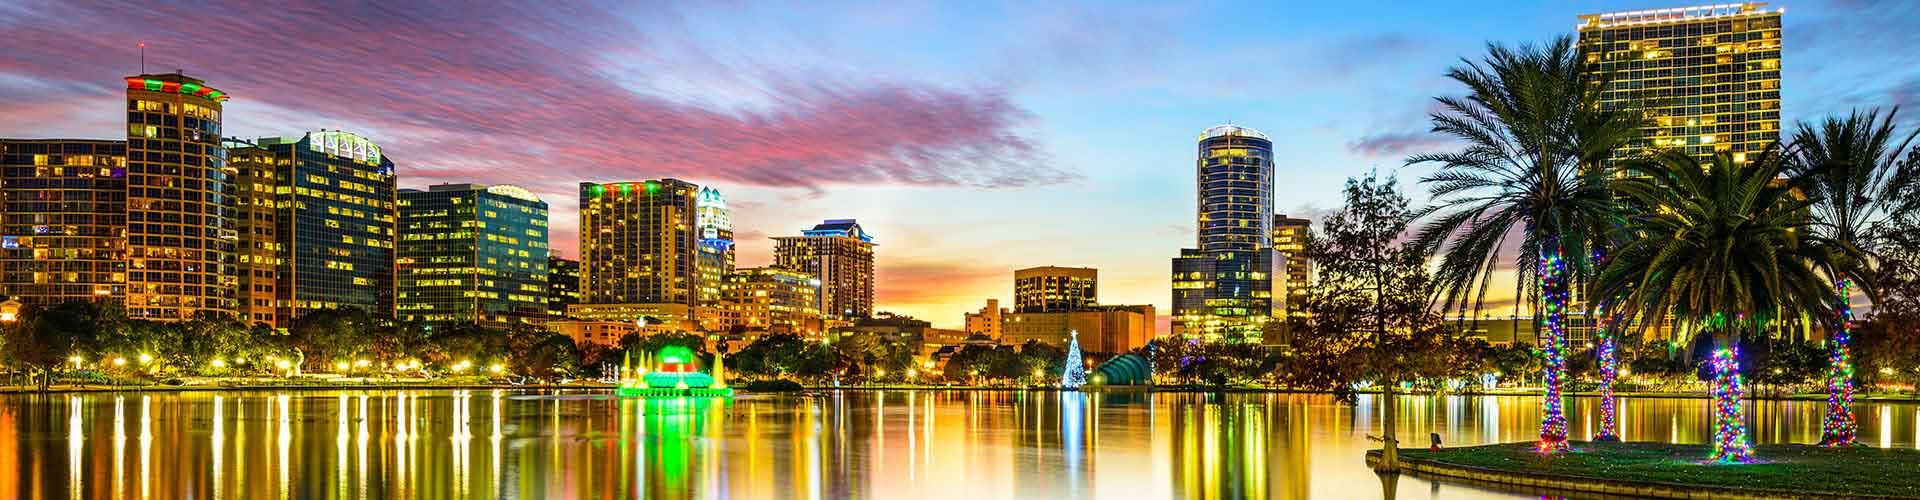 Orlando - Auberges de jeunesse à Orlando. Cartes pour Orlando, photos et commentaires pour chaque auberge de jeunesse à Orlando.